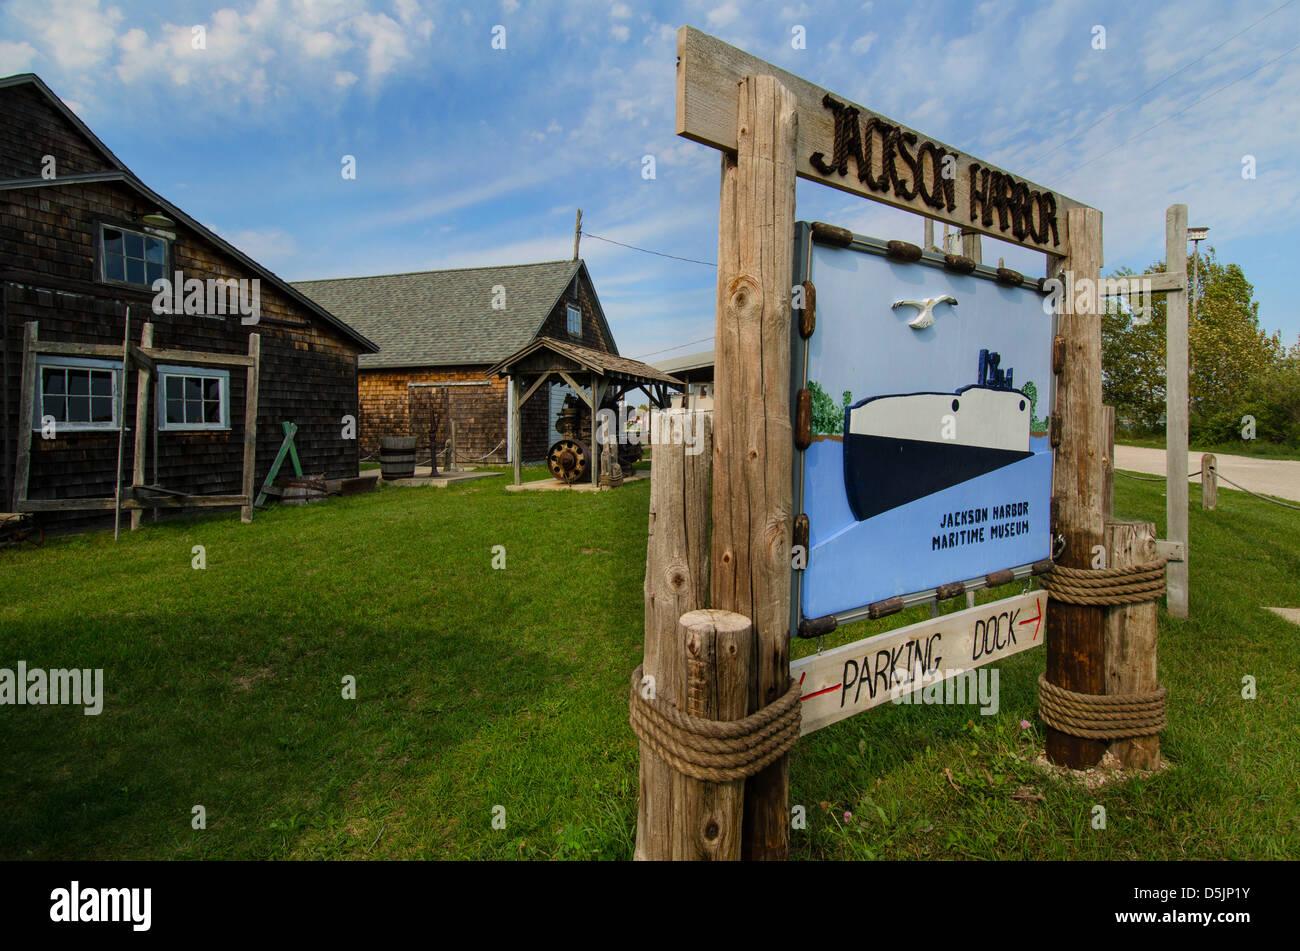 Jackson Harbor Maritime Museum  in the Door County town of Jackson Harbor,  Wisconsin - Stock Image